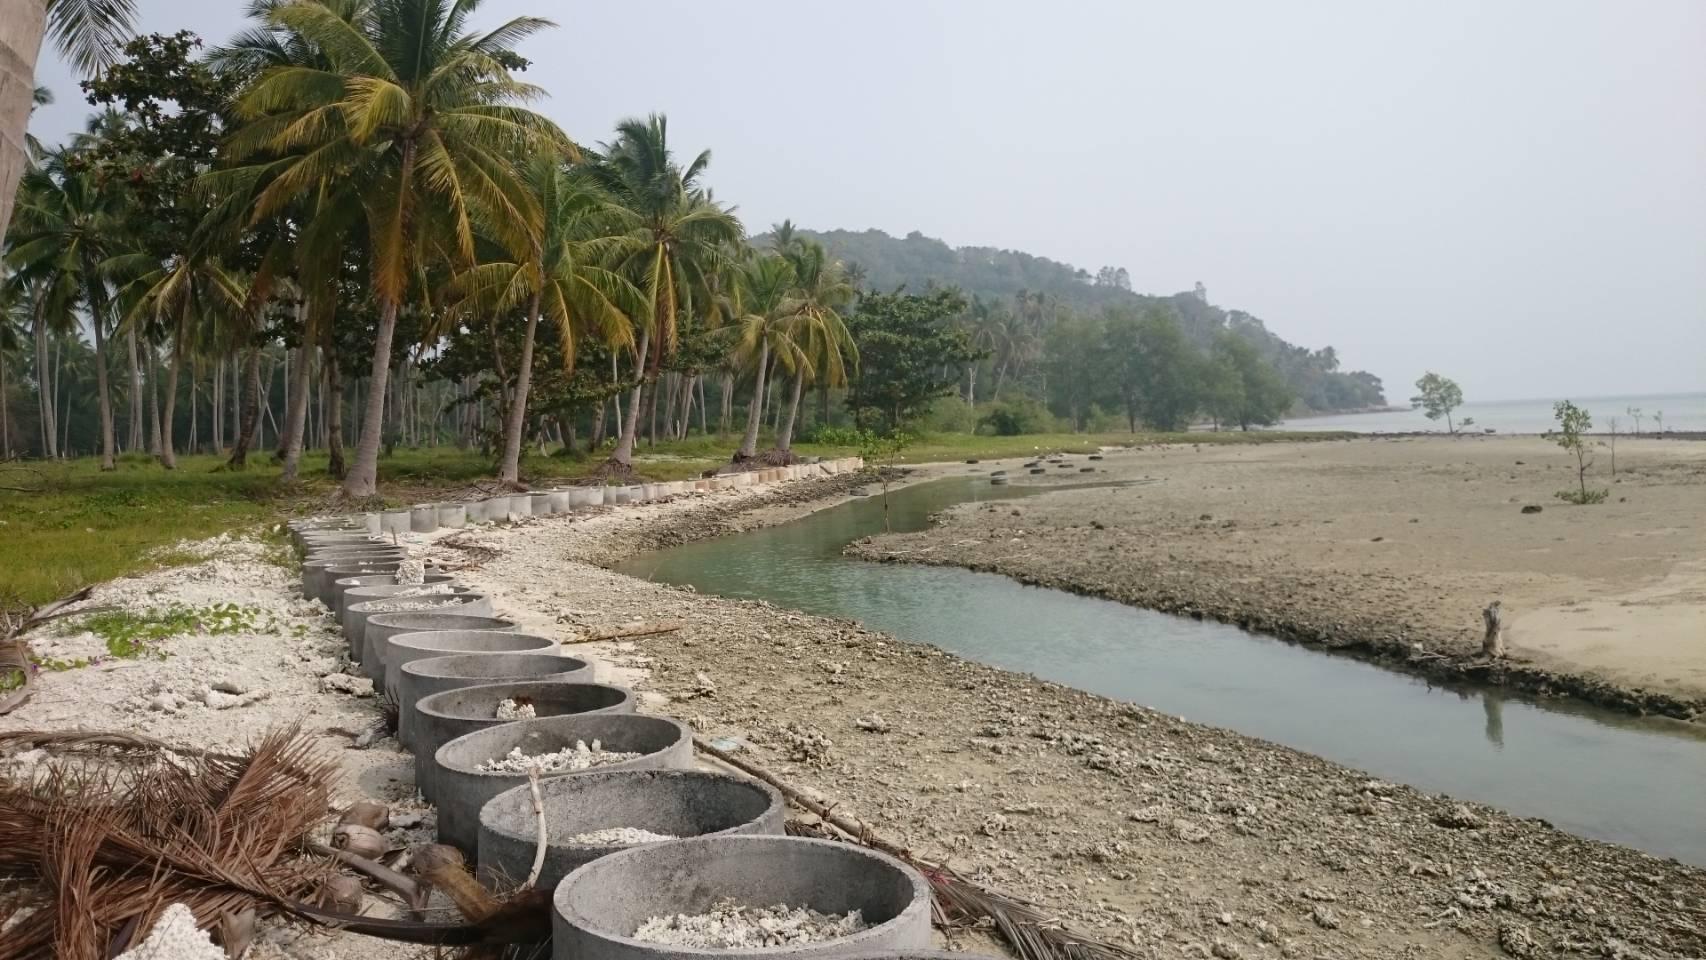 ขายที่ดินติดหาดท้องกรูท เกาะสมุย 3